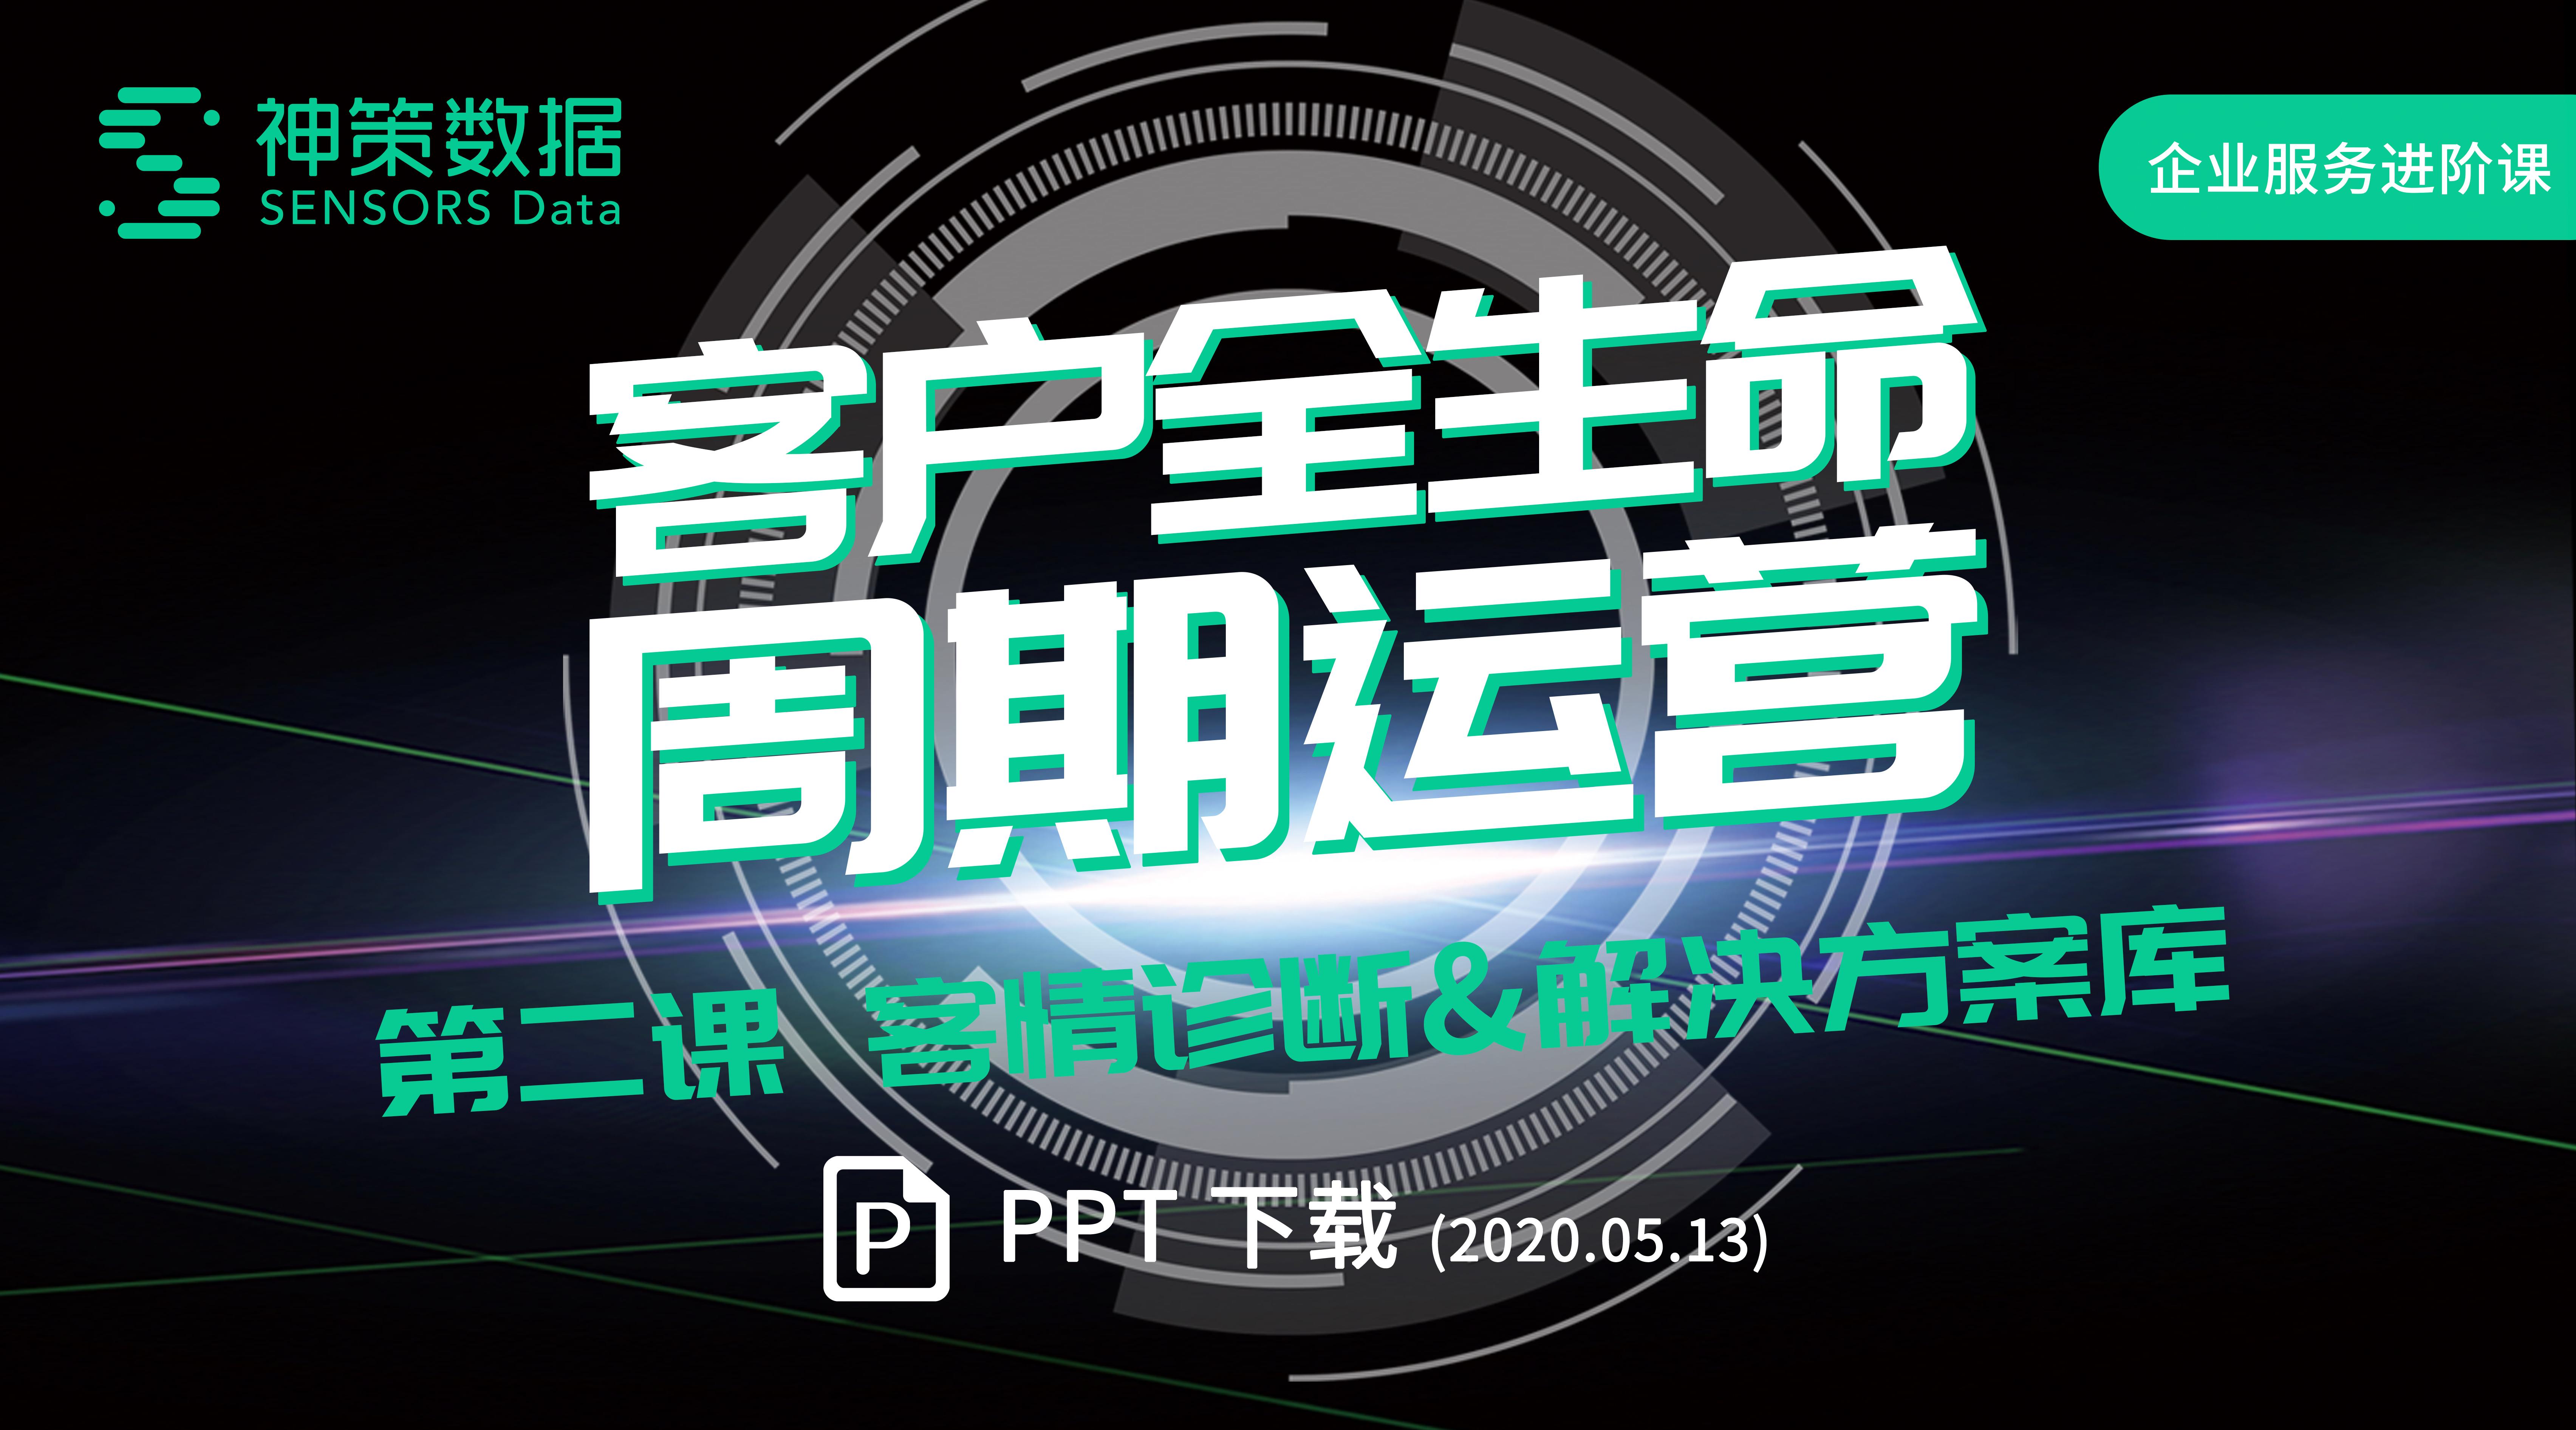 5c3073f0afb575c460a5aae8216ce2d3.pdf